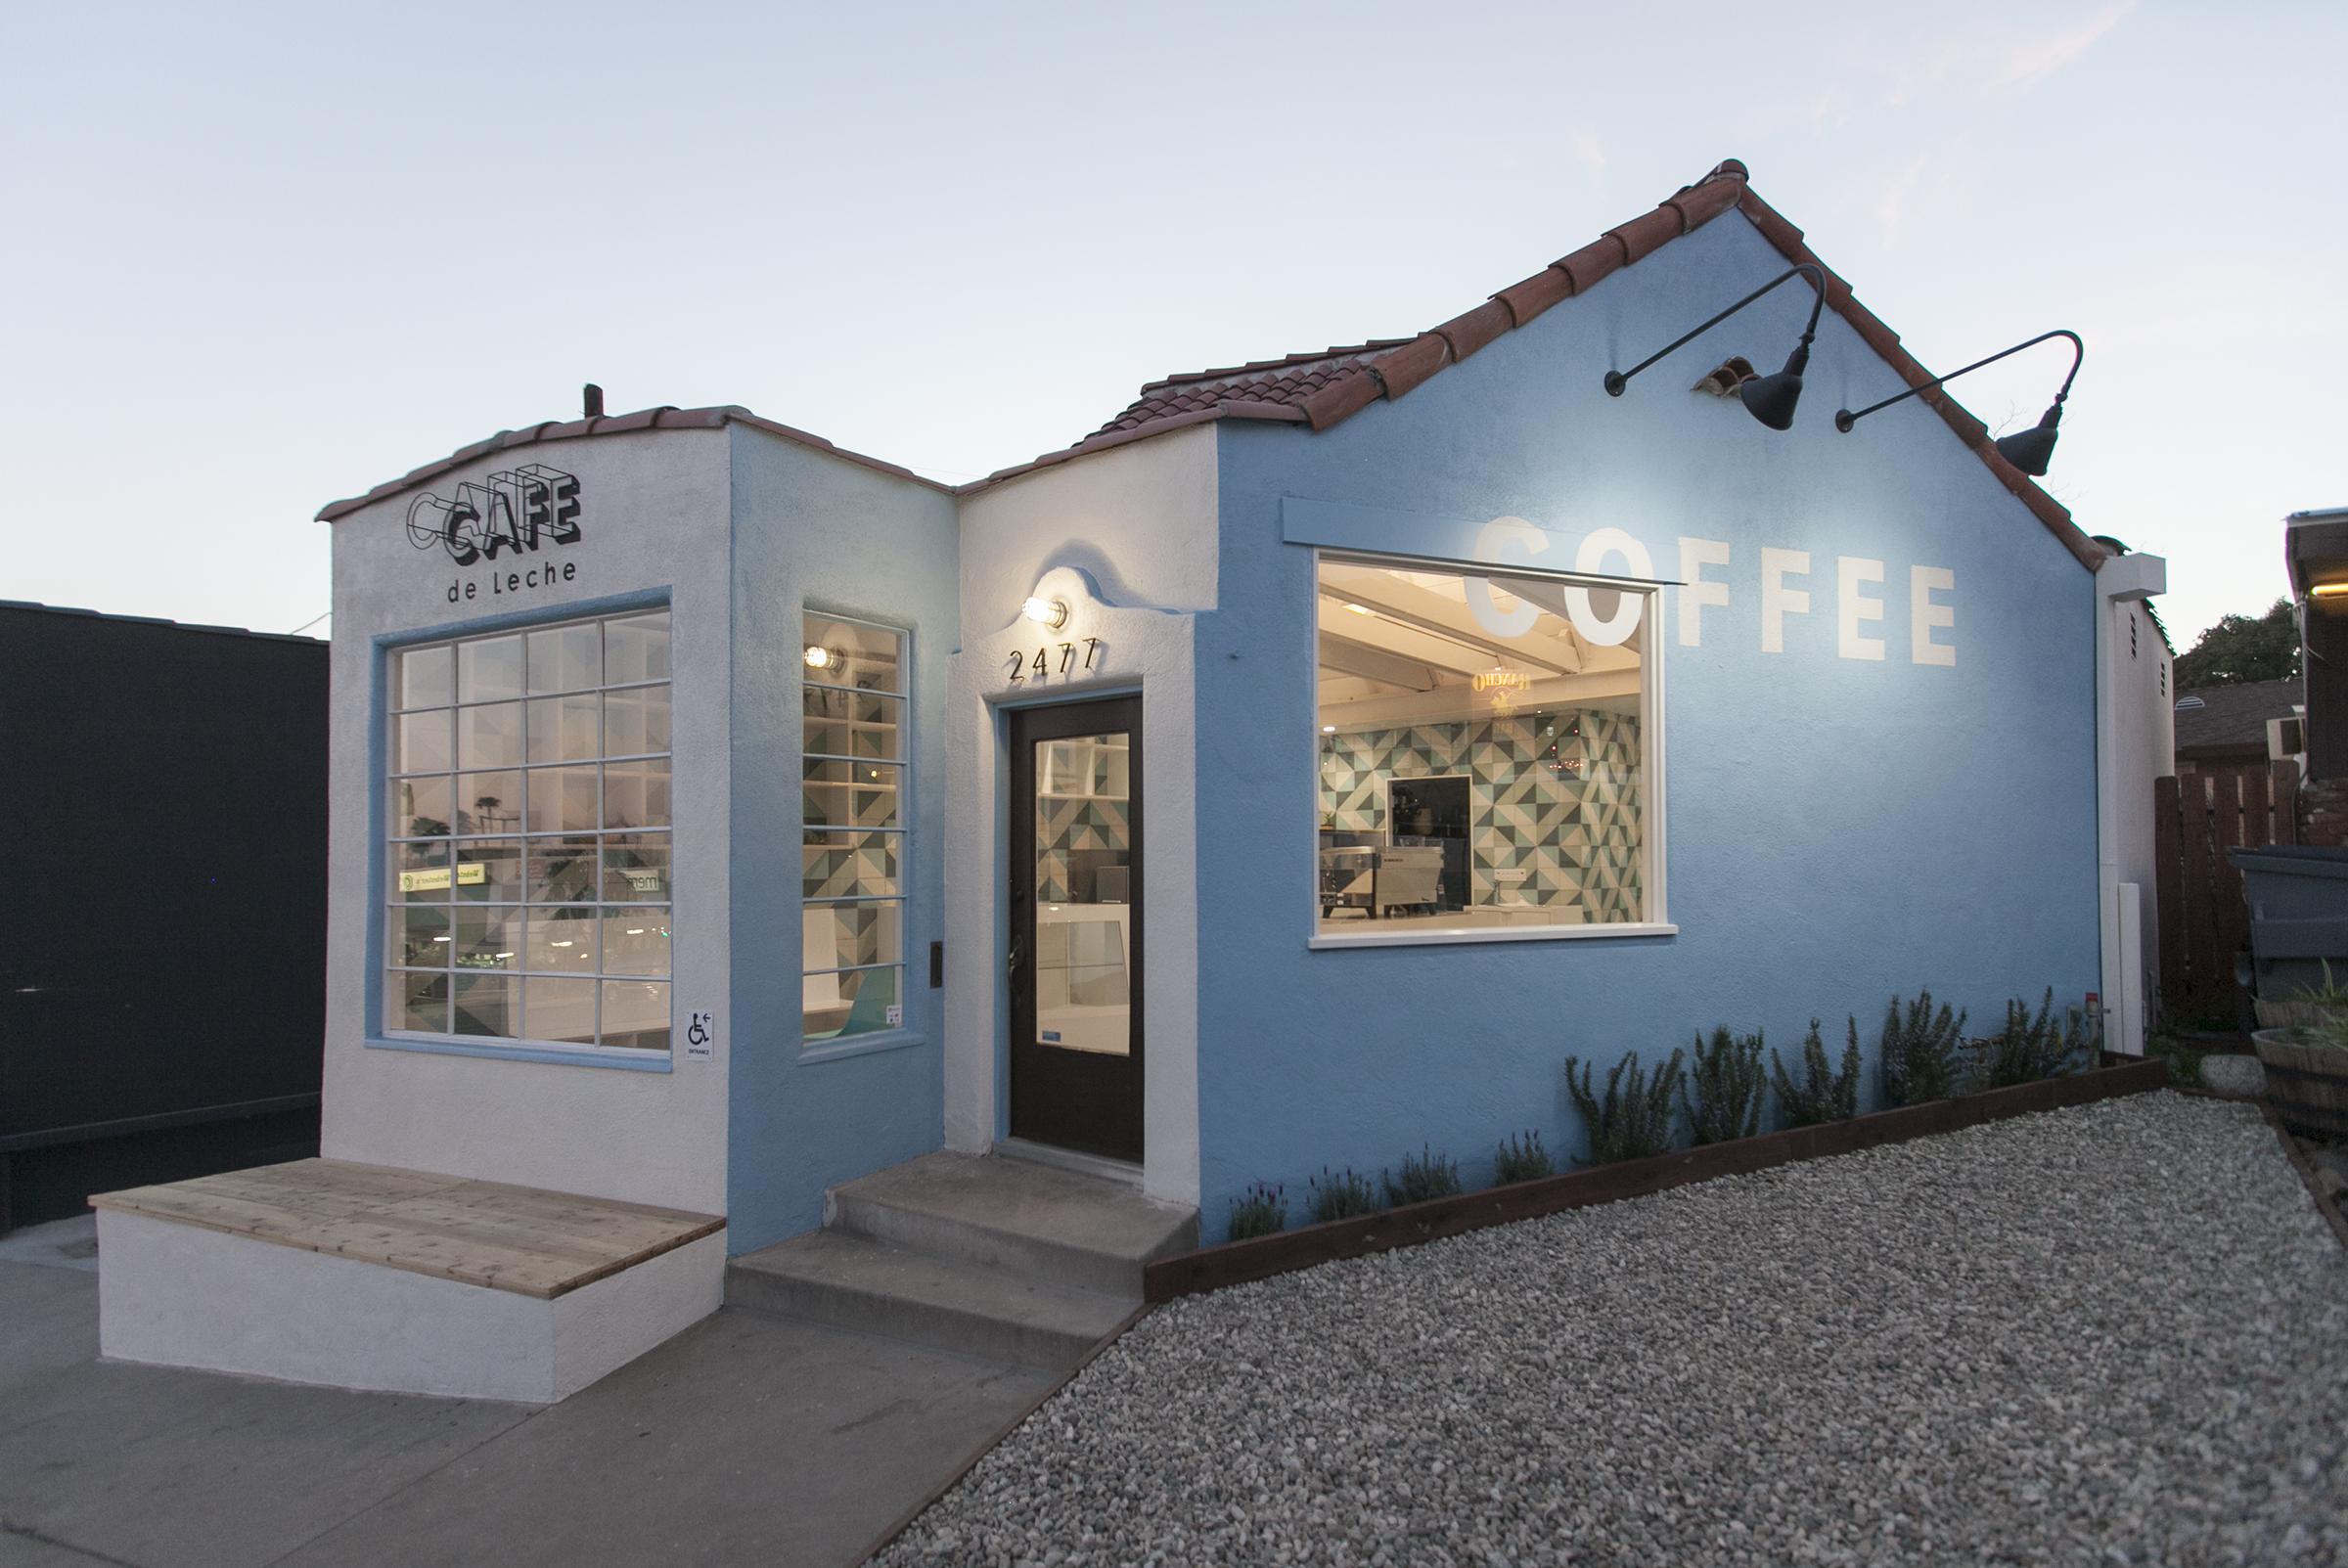 Cafe de Leche Altadena-01-Exterior